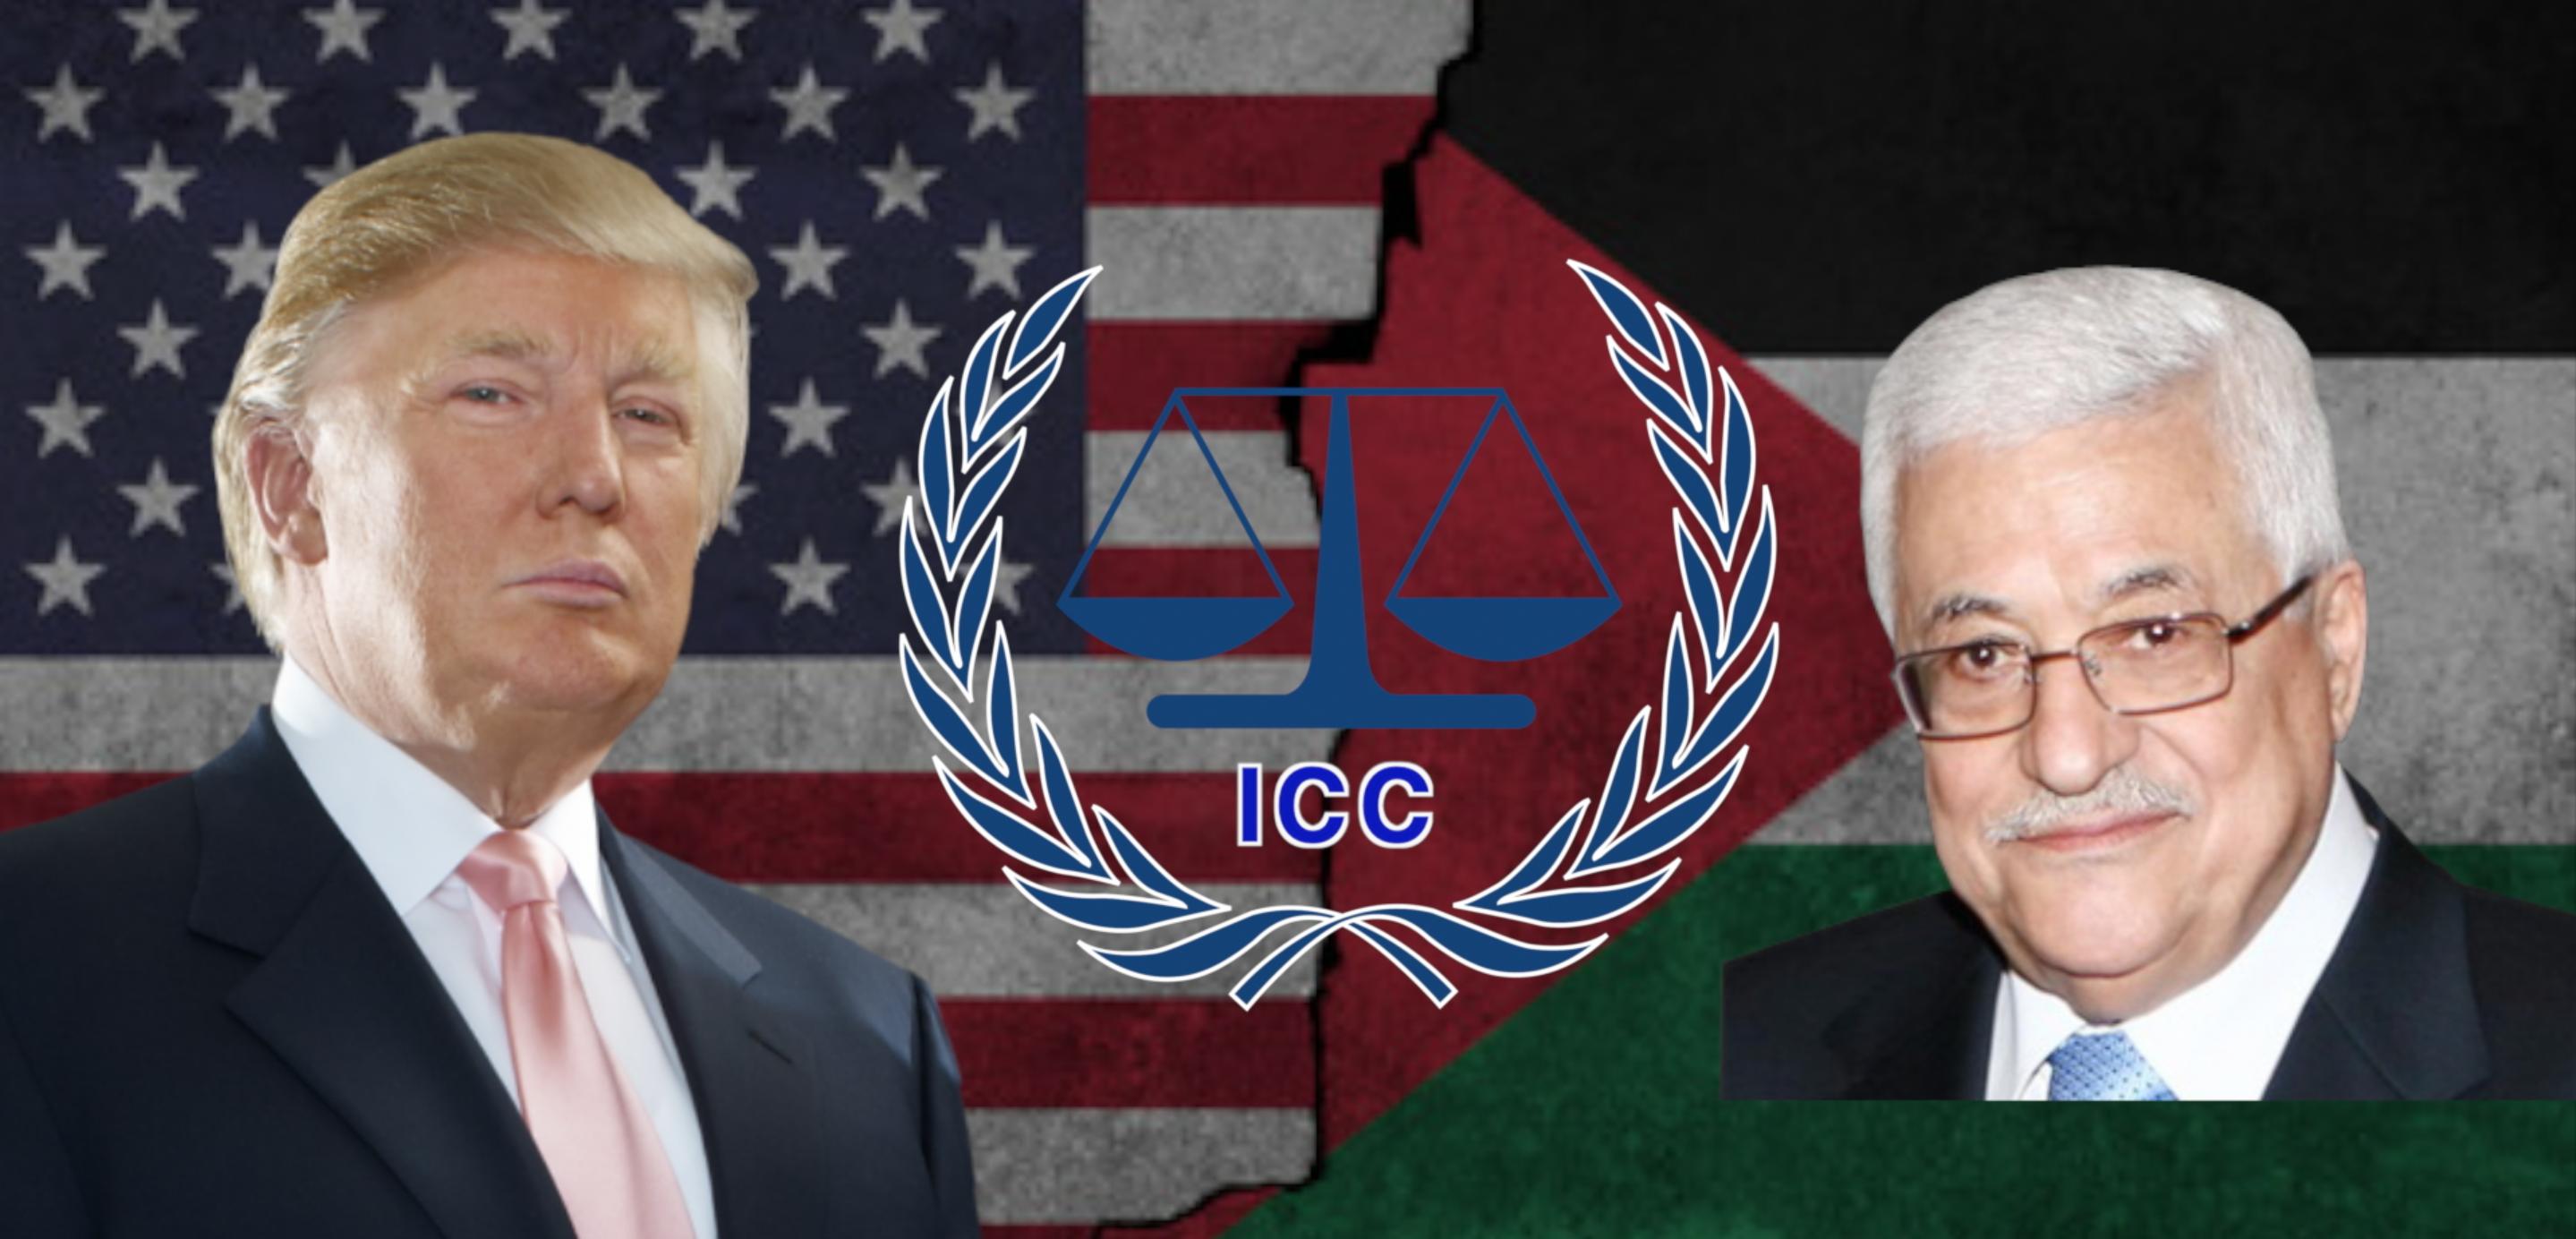 PLO Threatens US At ICC